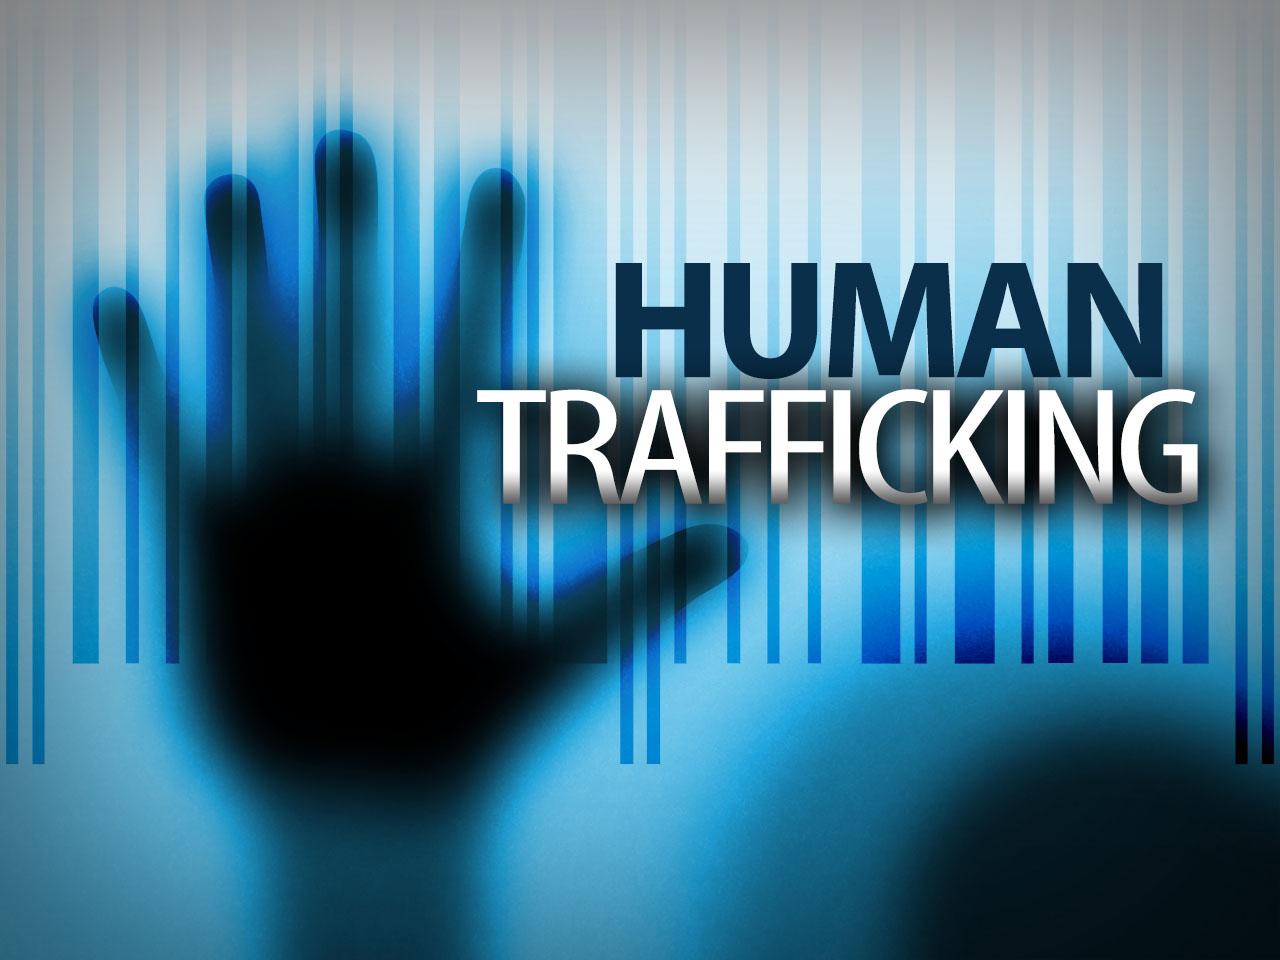 human_trafficking_20150327042256